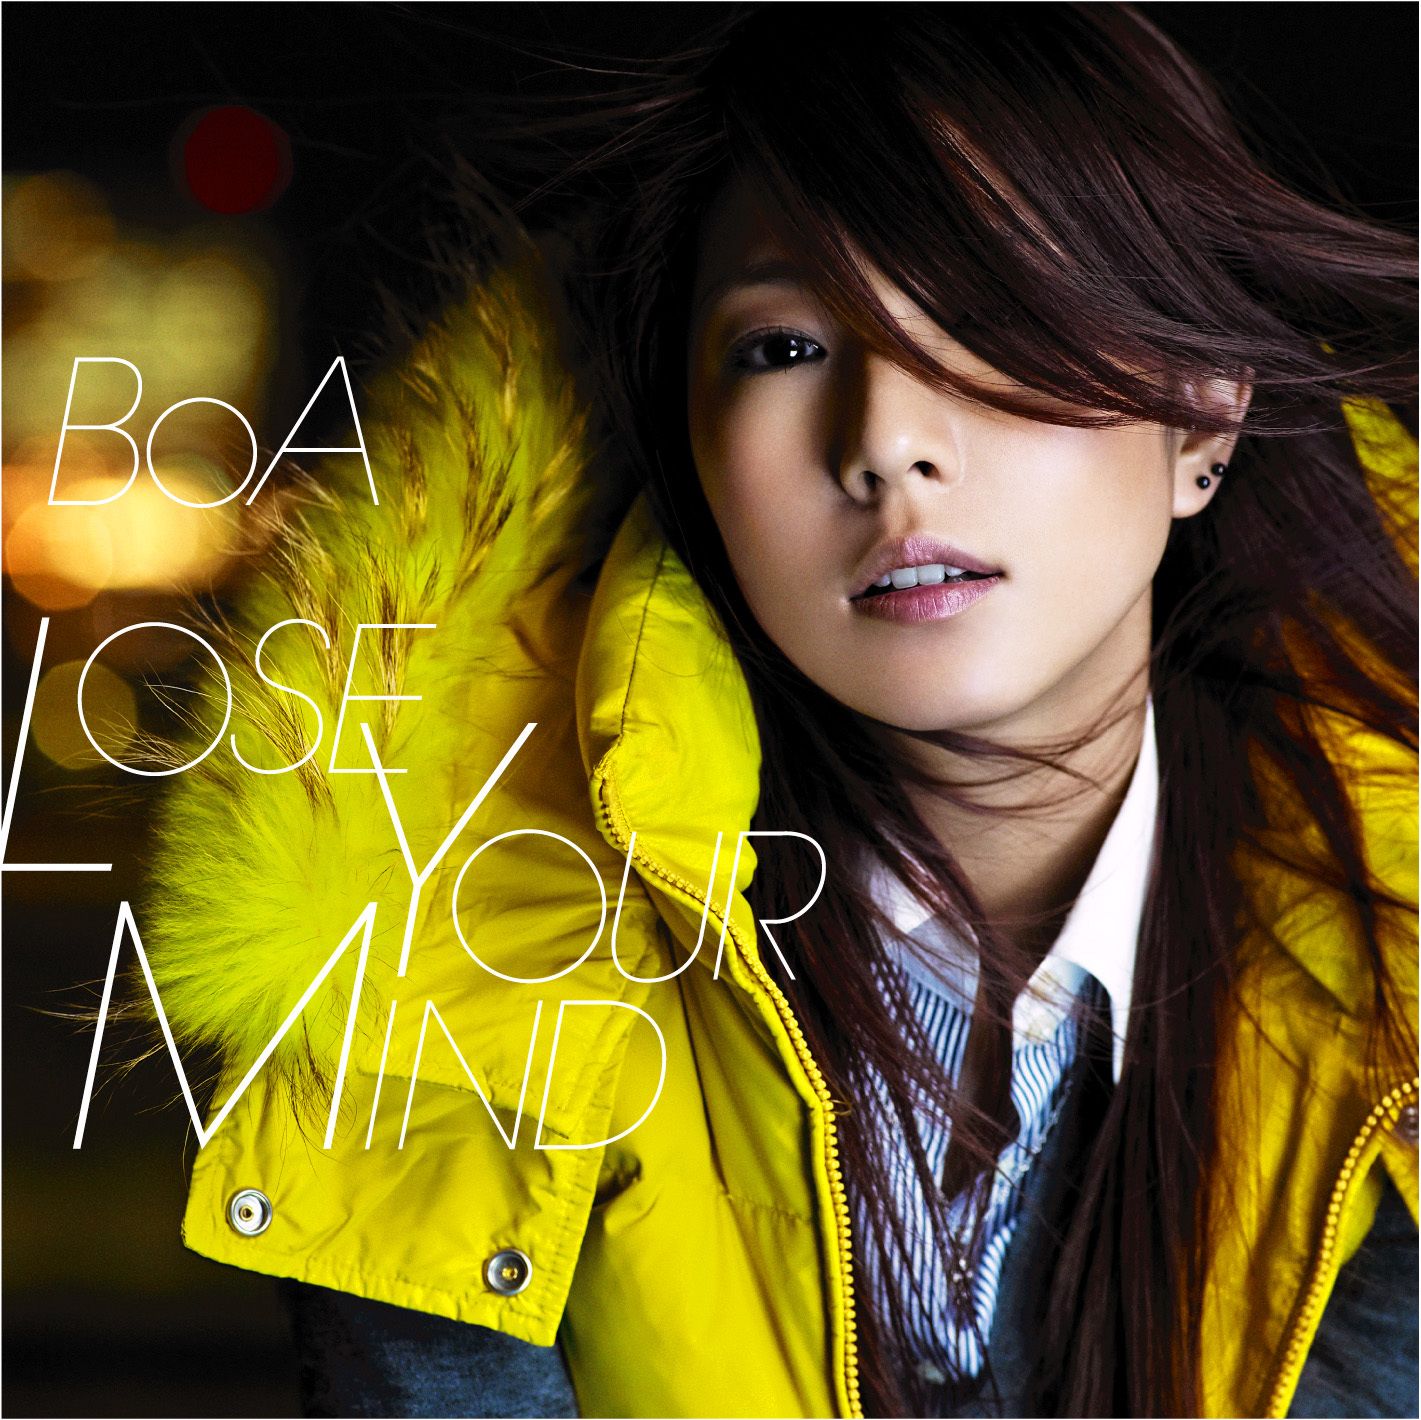 20170828.2249.05 BoA feat. Yutaka Furukawa - Lose Your Mind cover 2.jpg